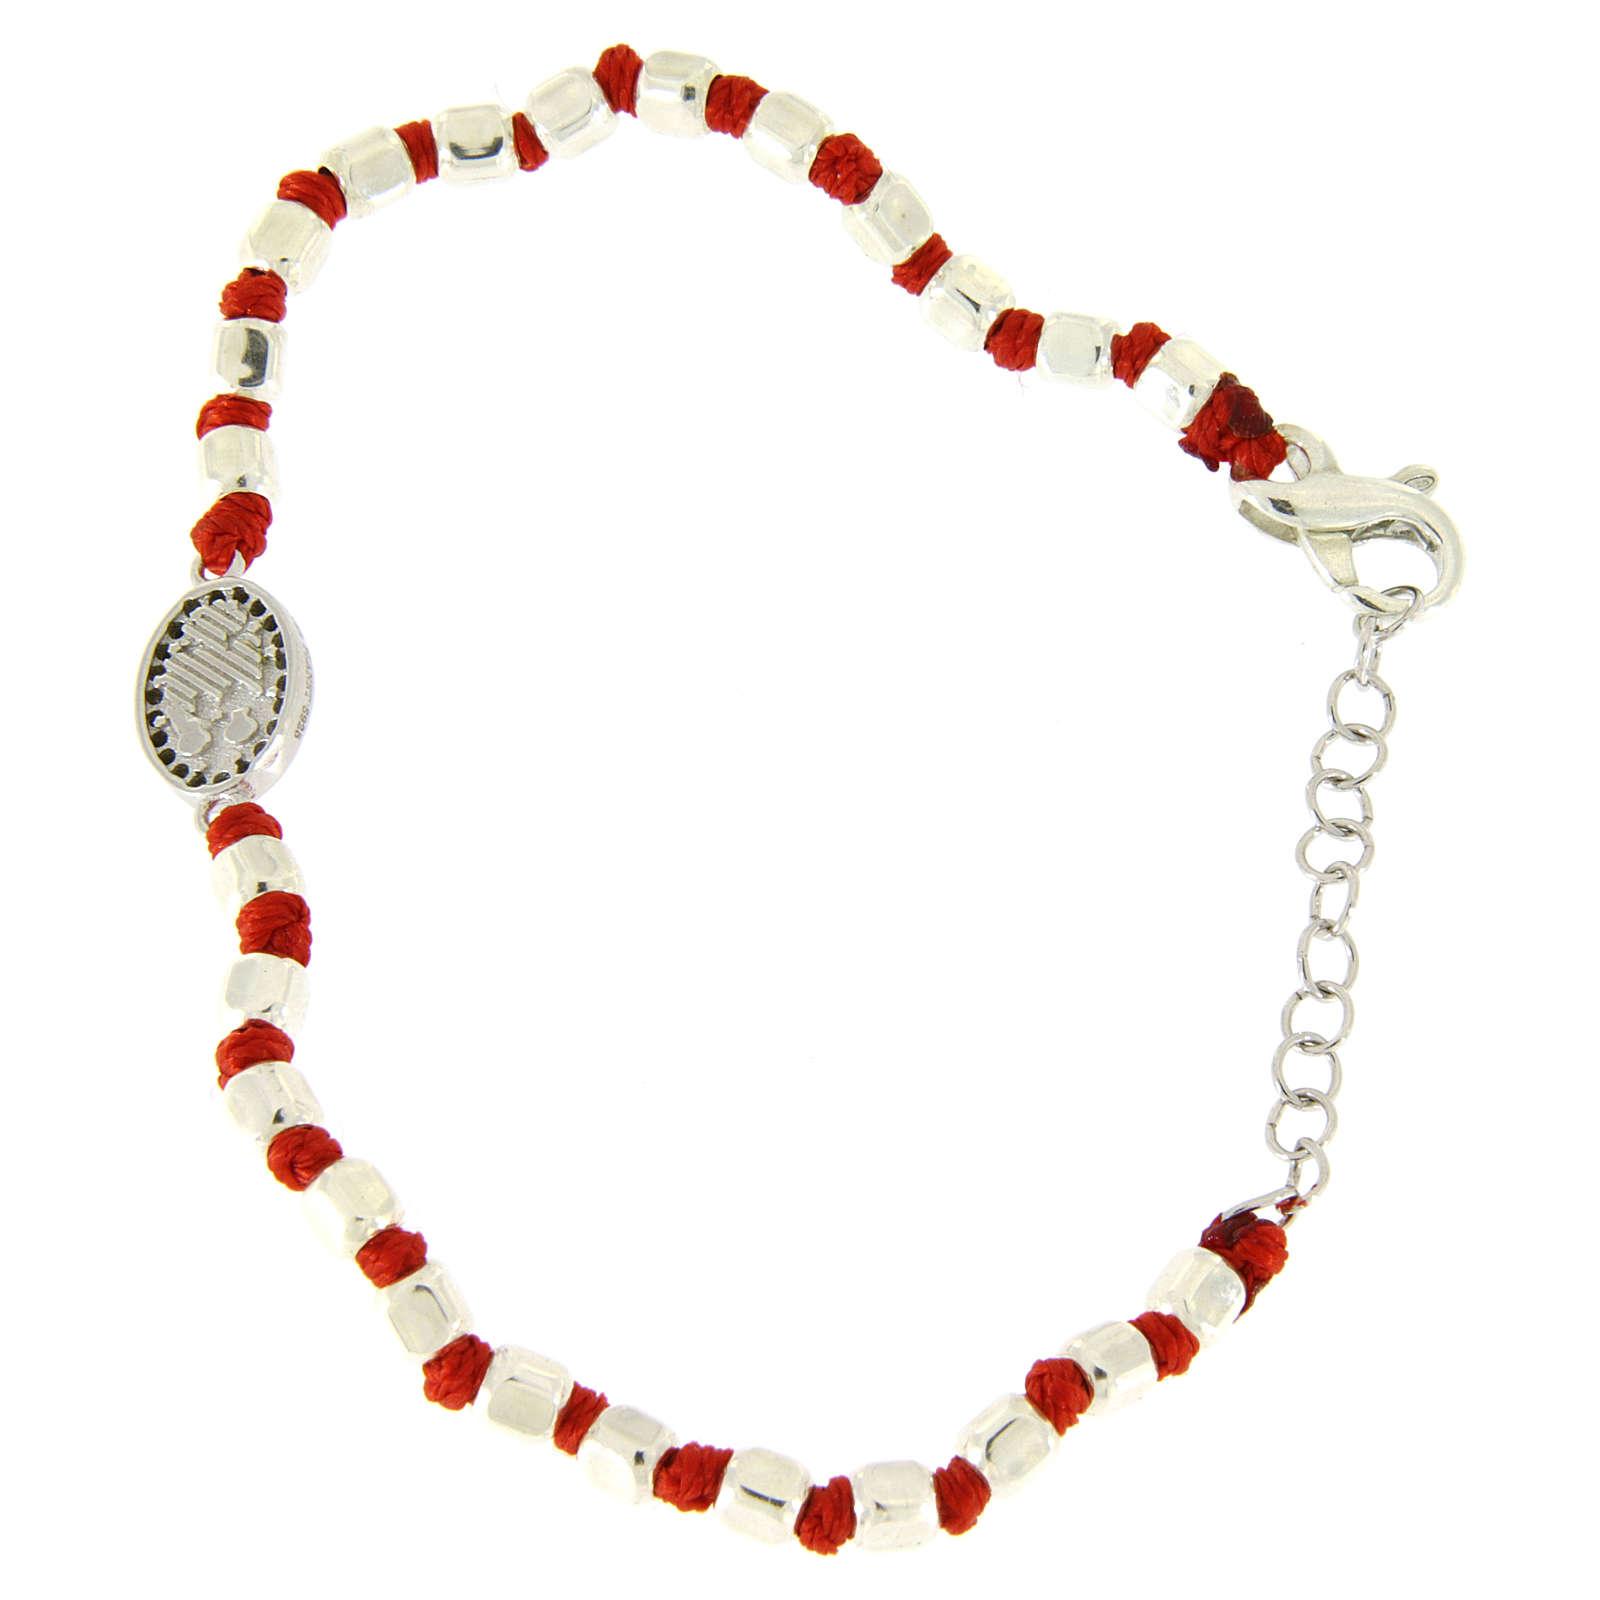 Pulsera esferas talladas plata 2 mm, pequeña medalla S. Rita zircones negros y cuerda roja de algodón 4